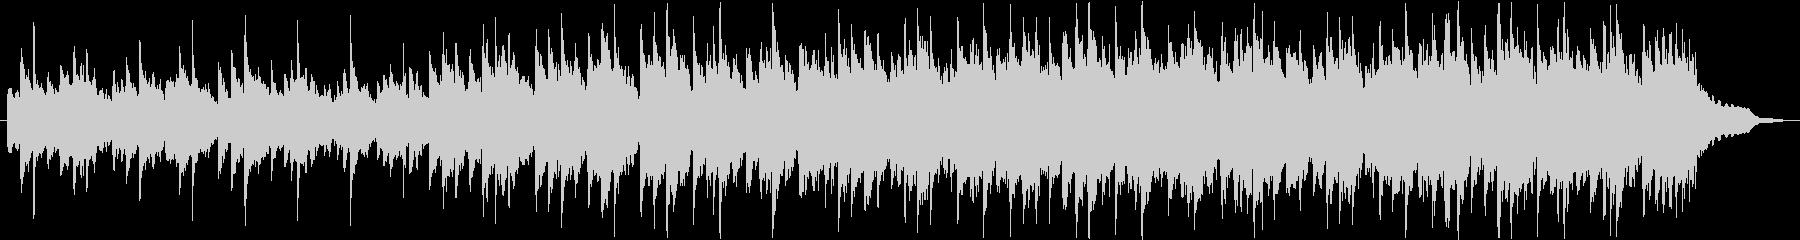 温かい雰囲気のBGM(15ver)の未再生の波形